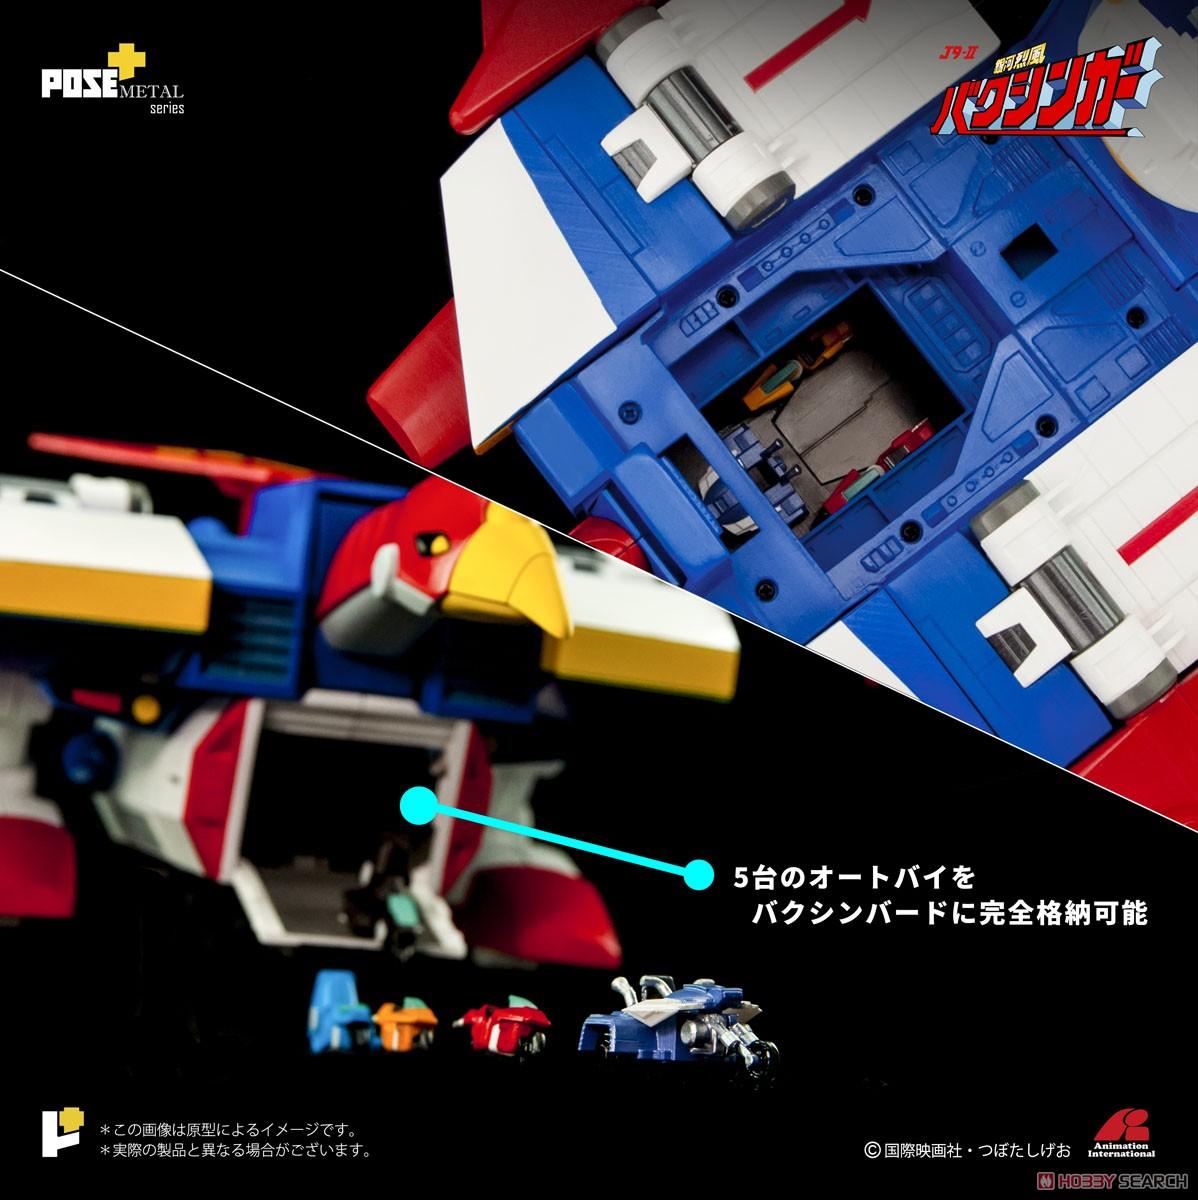 POSE+メタル『P+02B 移動基地バクシンバード』可変可動フィギュア-007